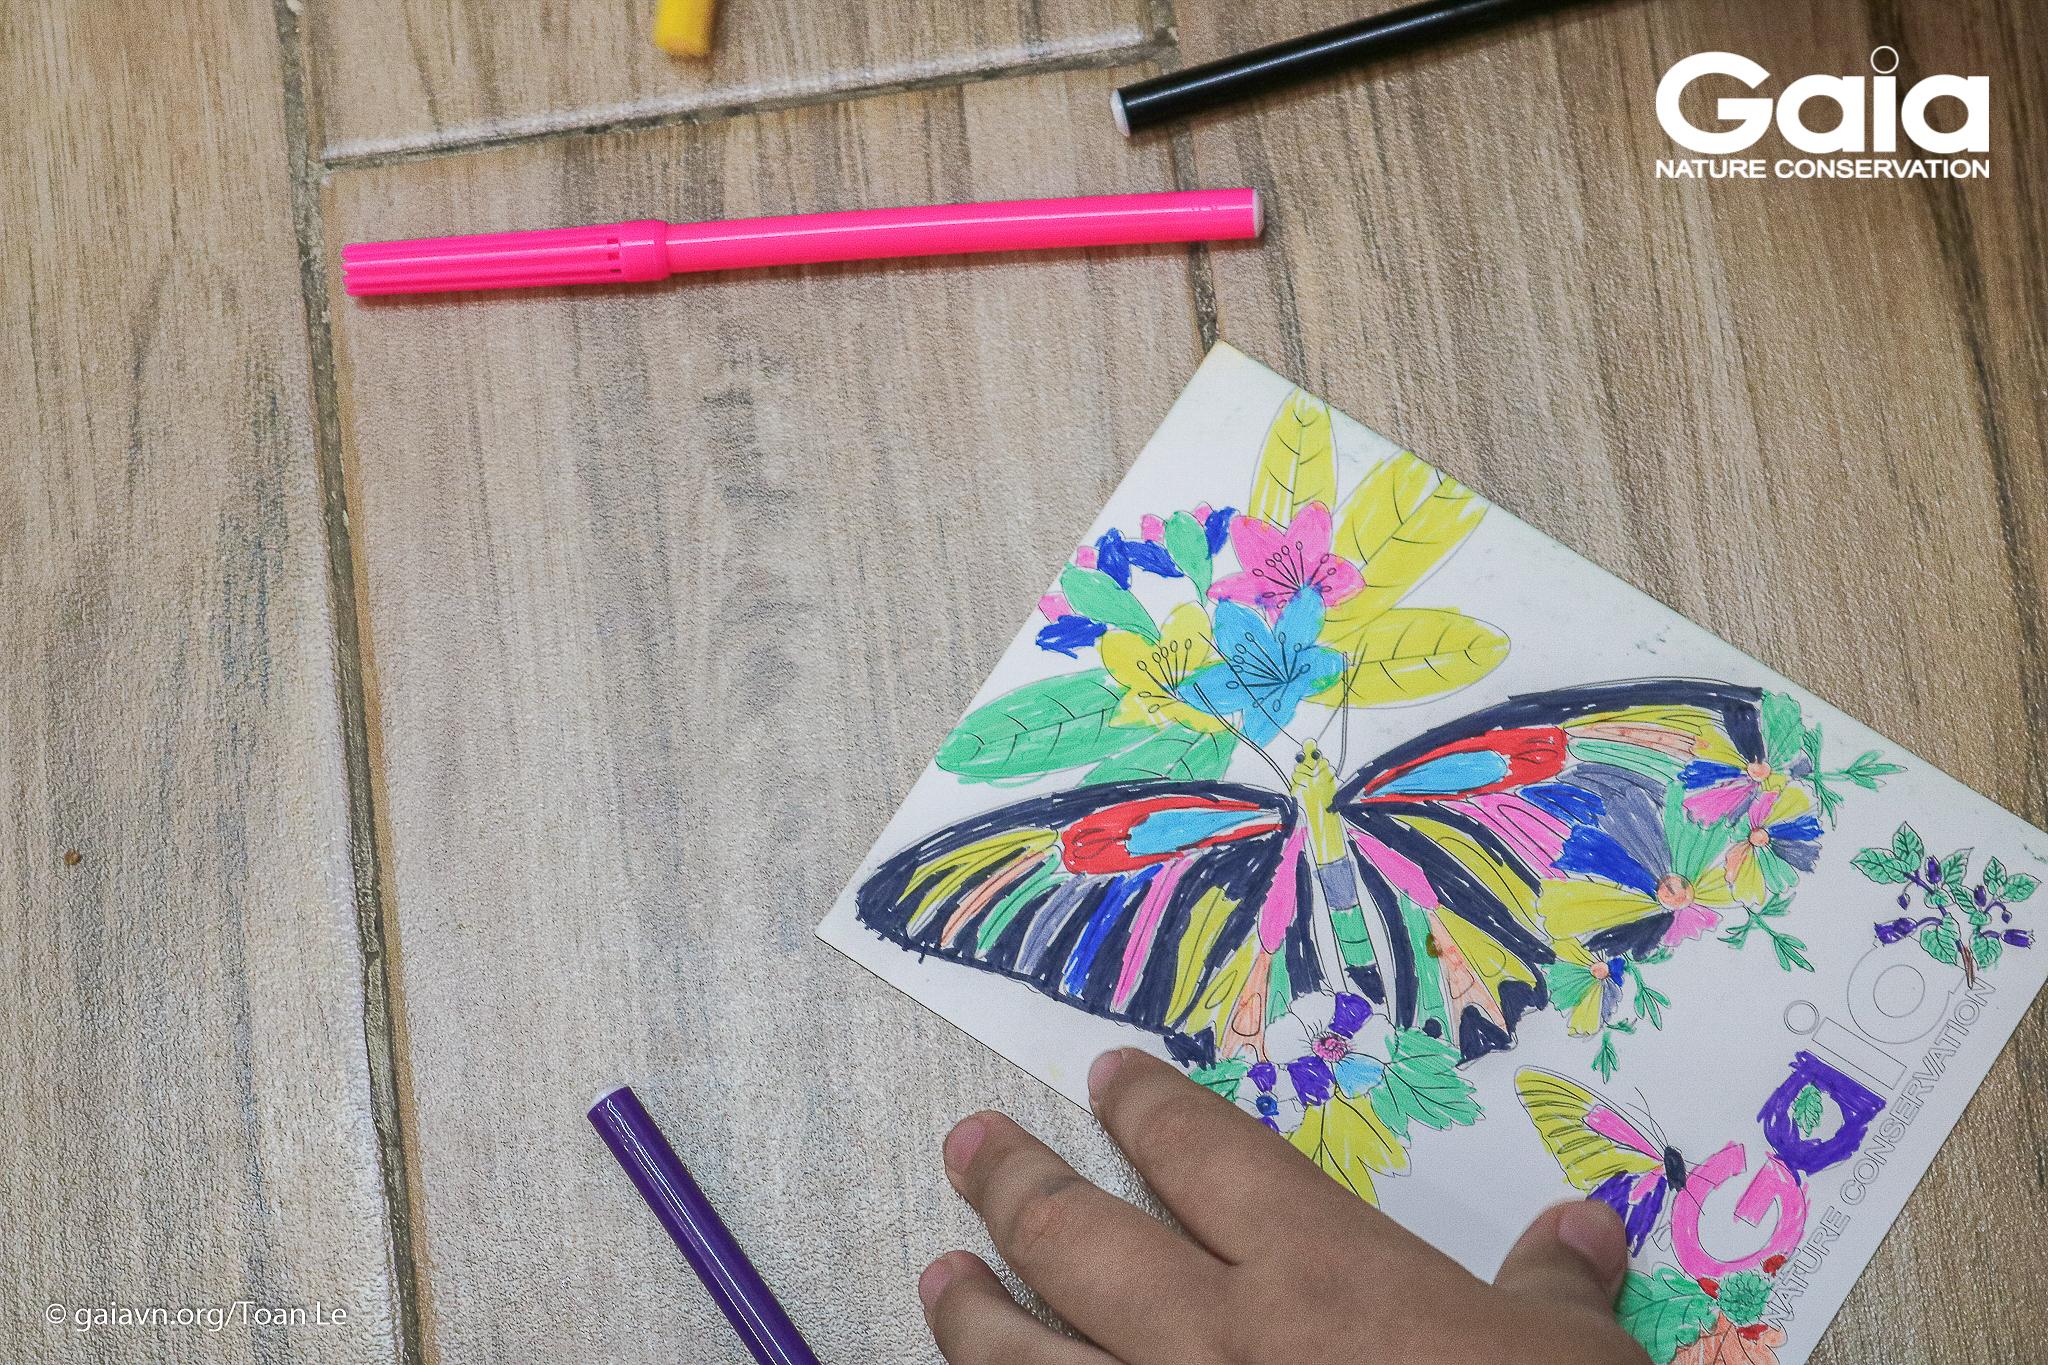 Một bưu thiếp rực rỡ sắc màu, được tô màu xong